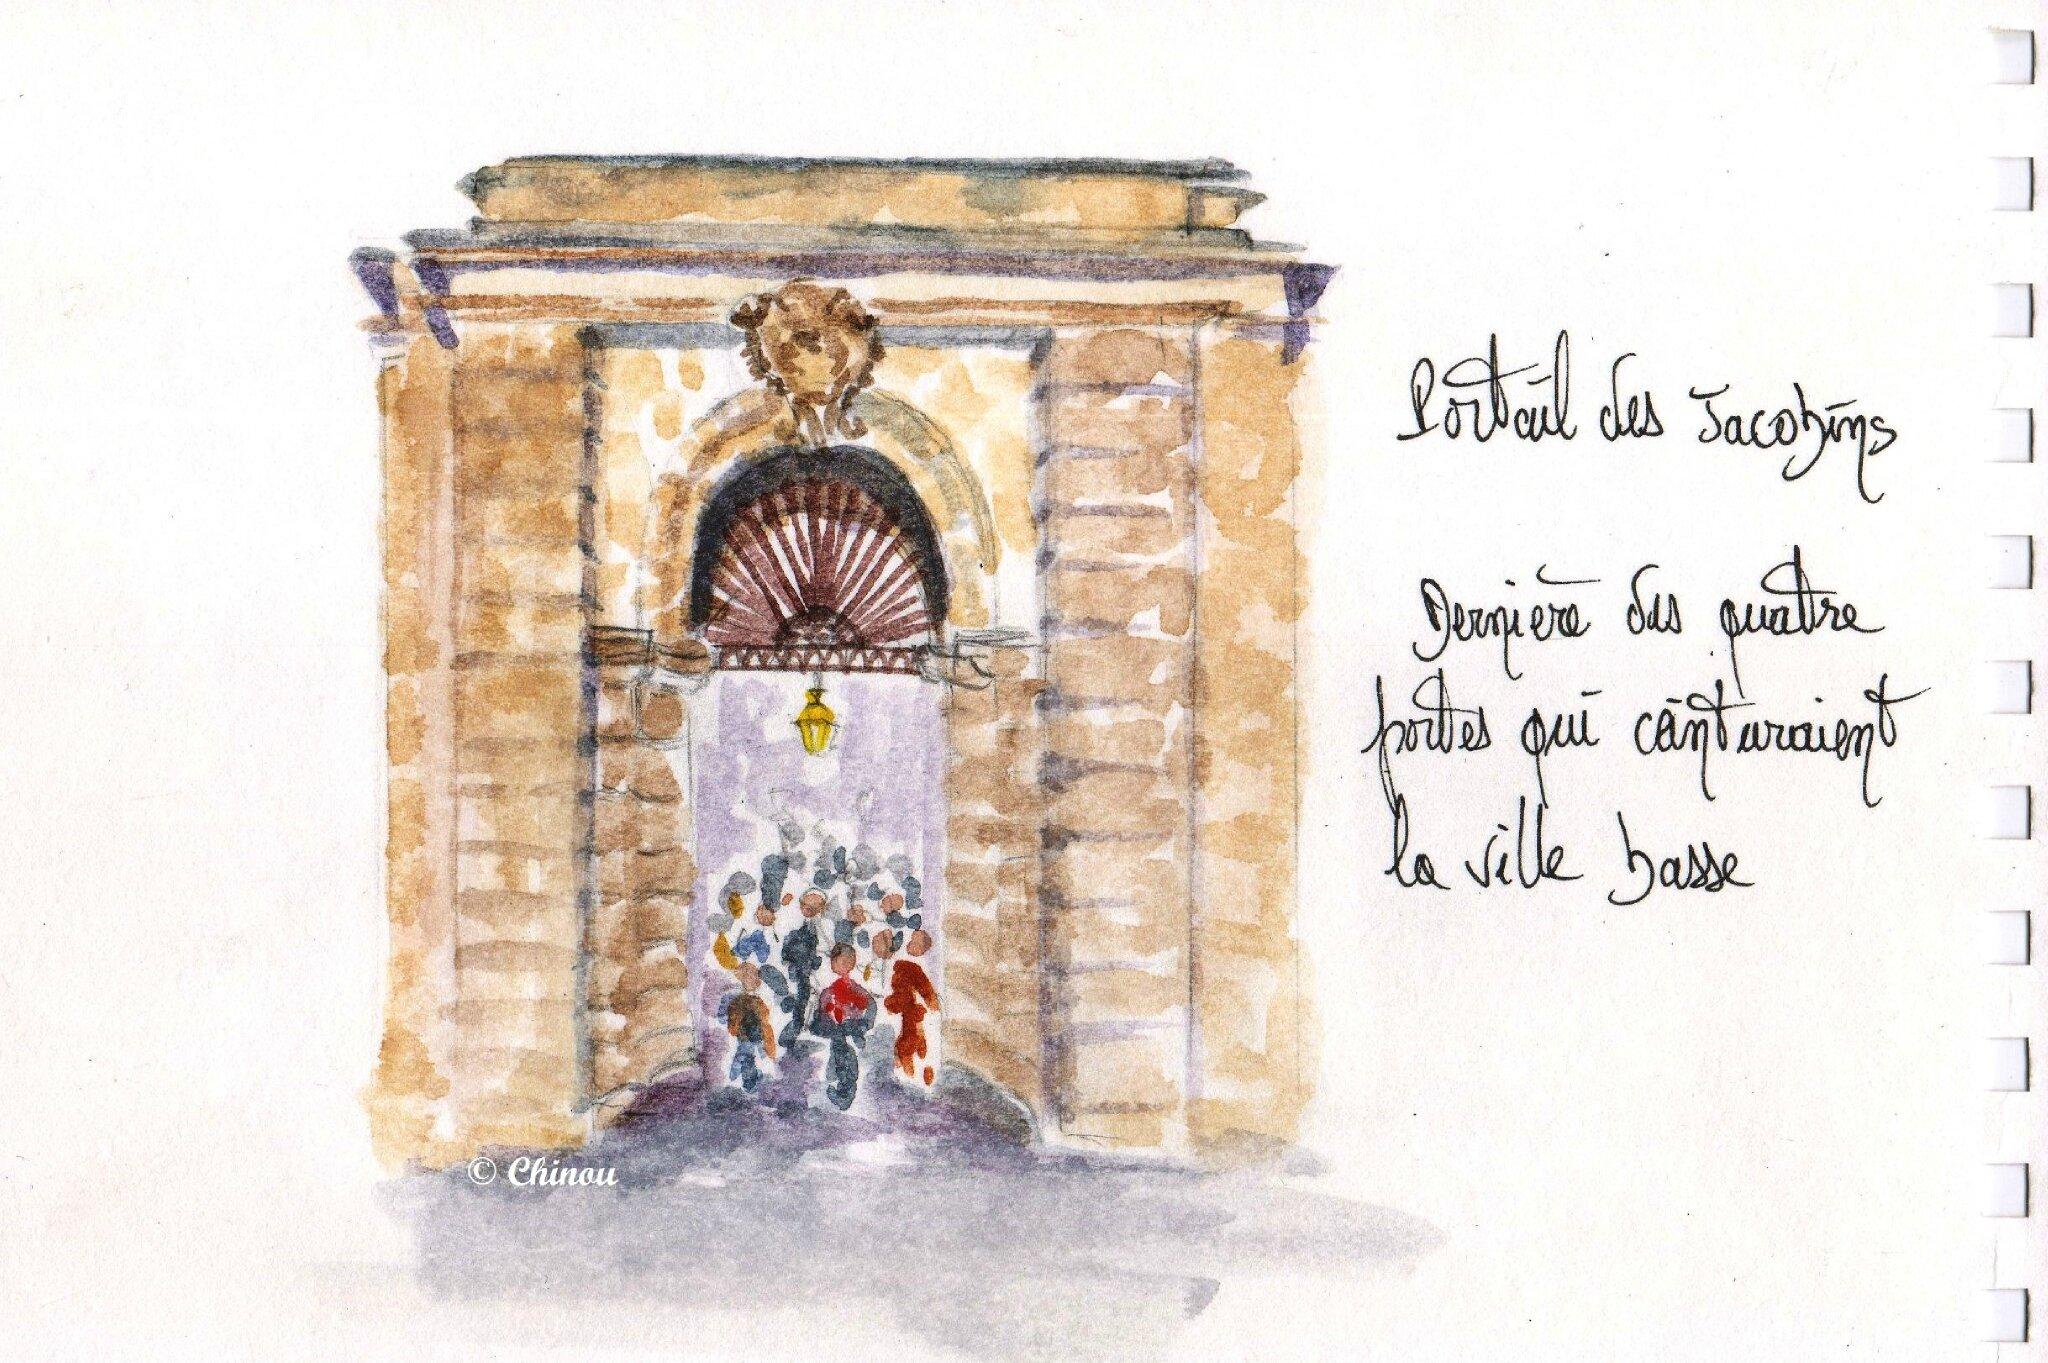 Portail des Jacobins Carcassonne